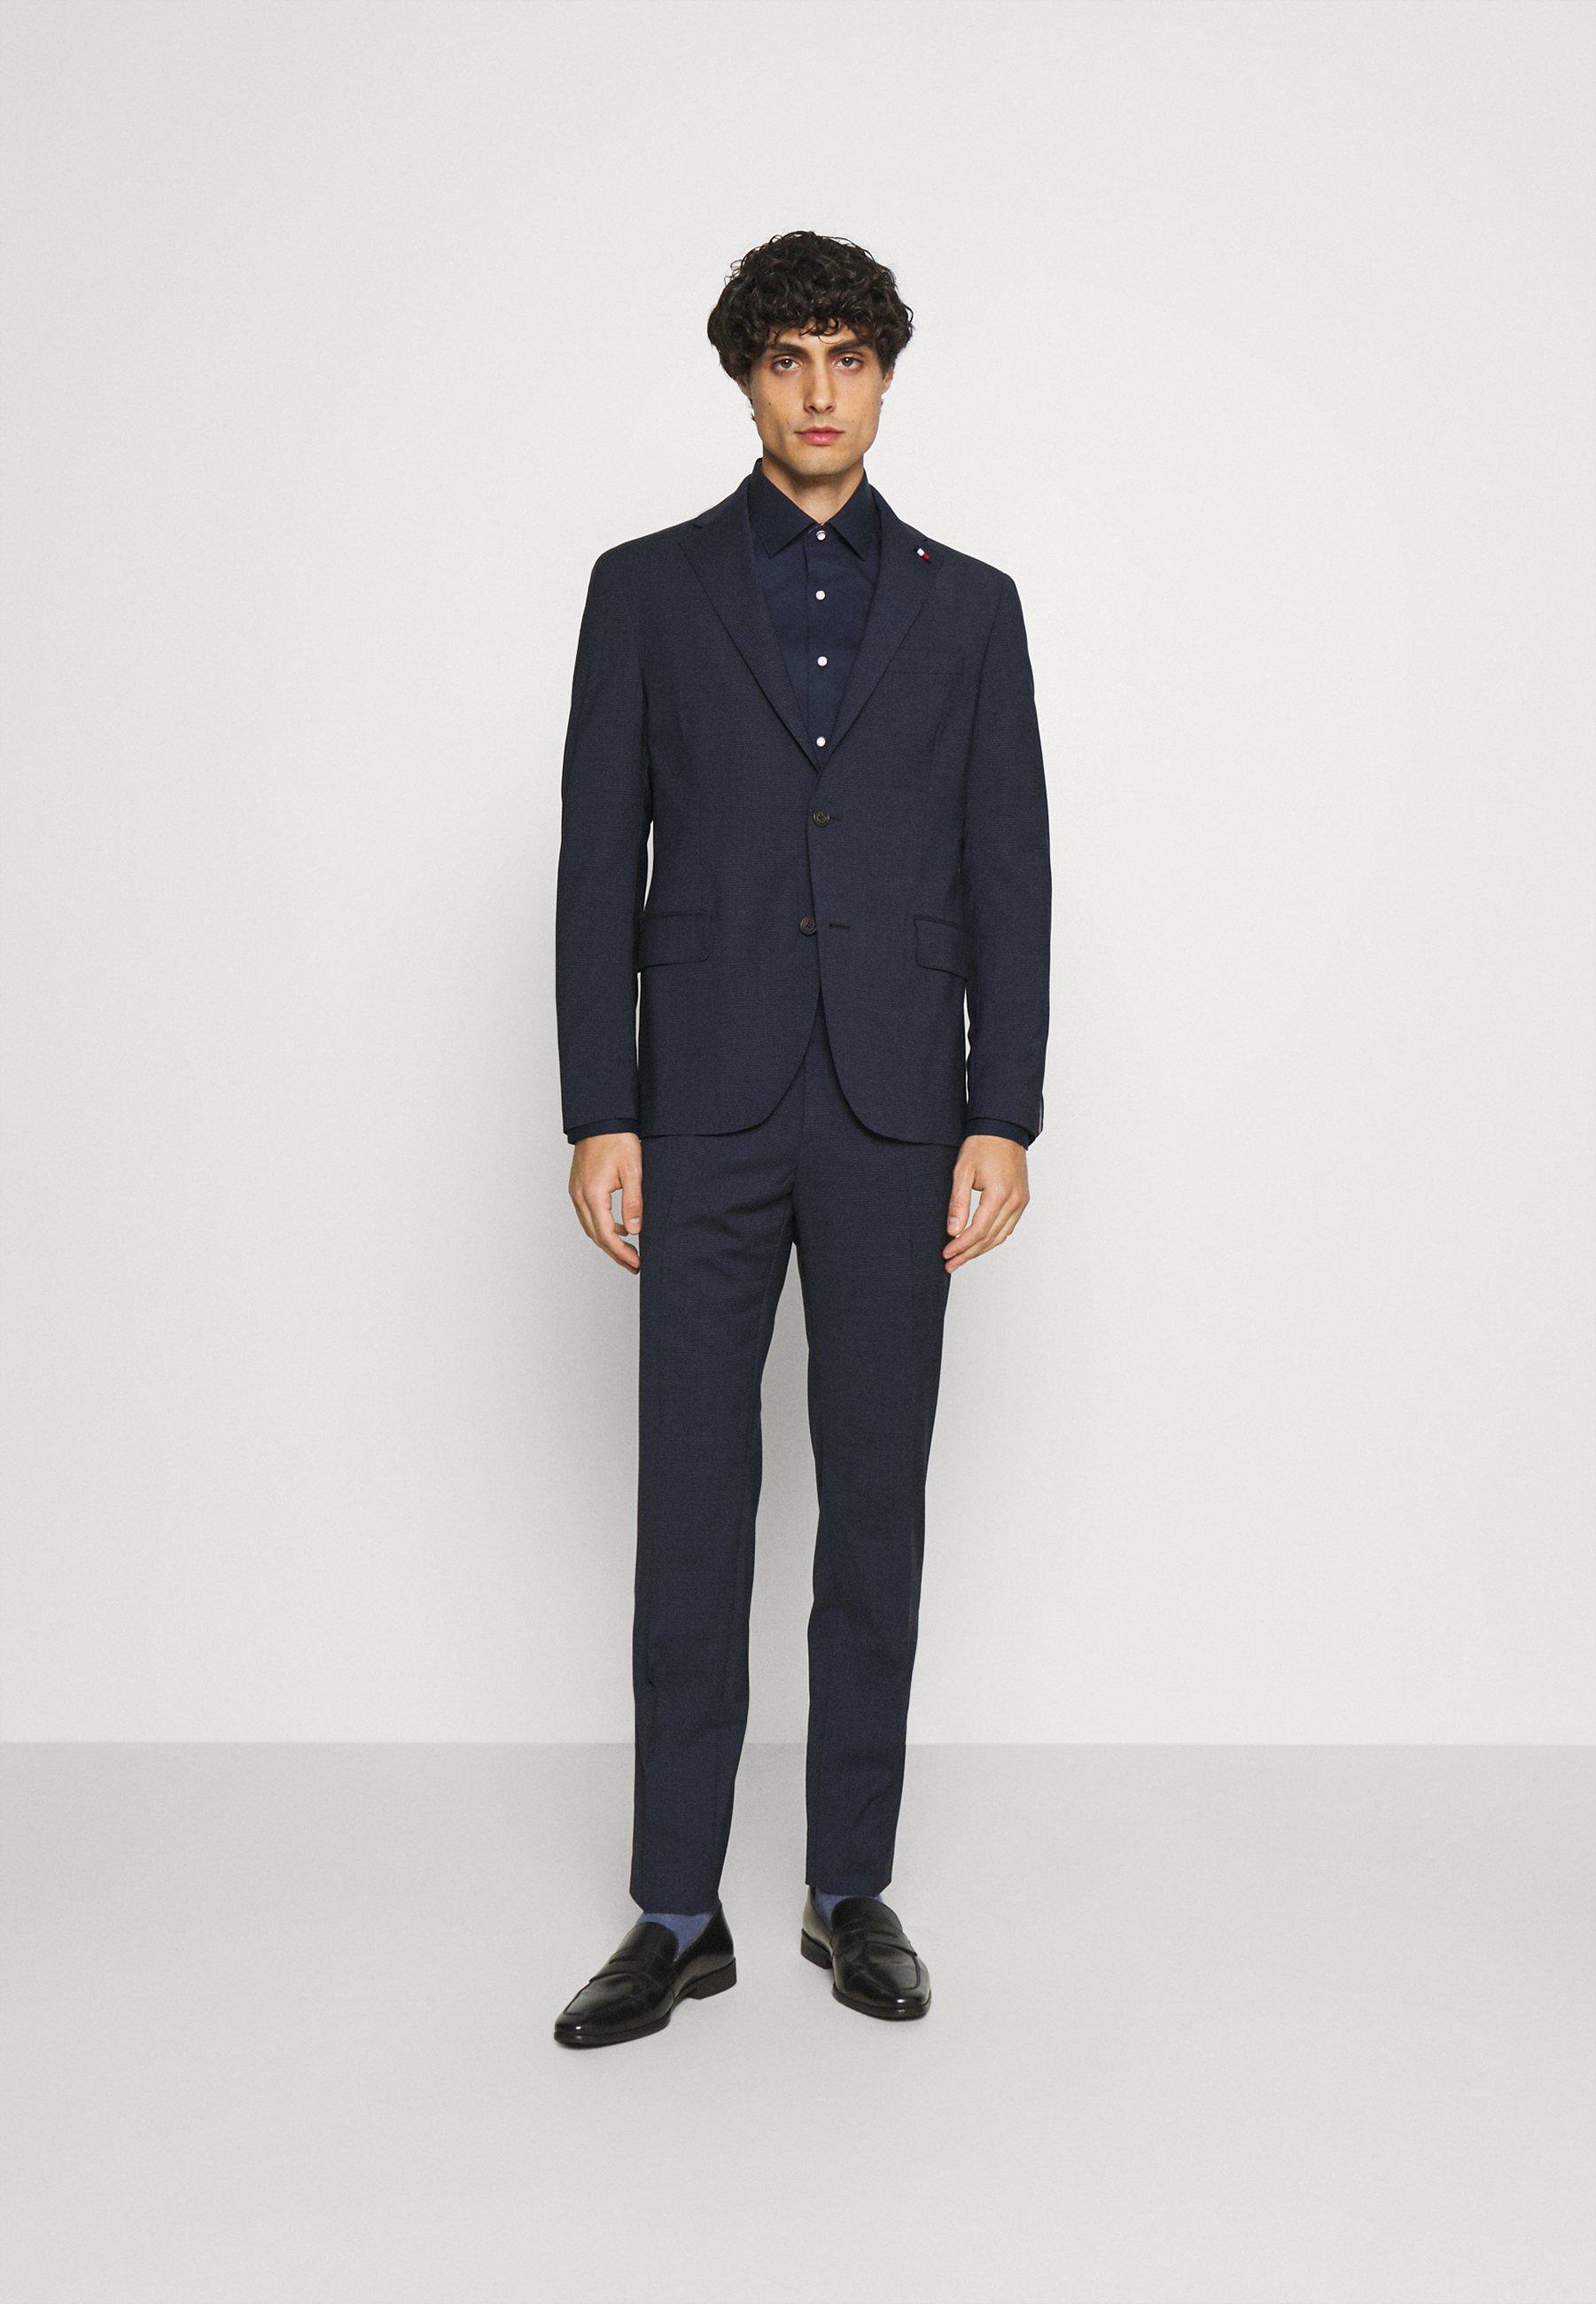 Men FLAP FULLY LINED VENTS FLAT FRONT TROUSER SET - Suit